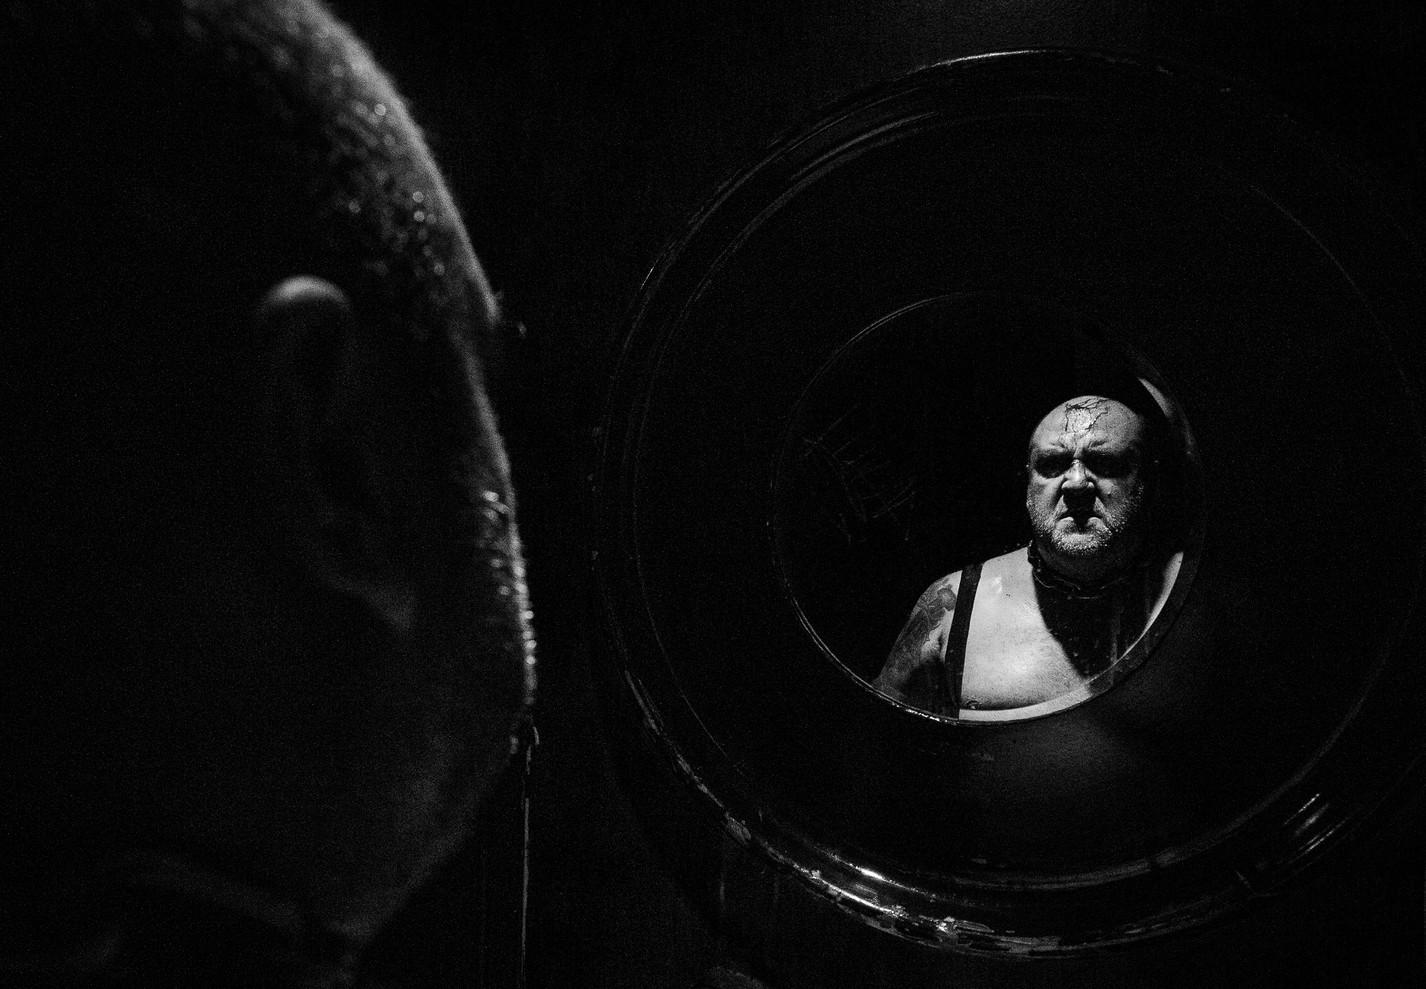 Retrato Documental Backstage - Lucha libre - Wrestling Portrait